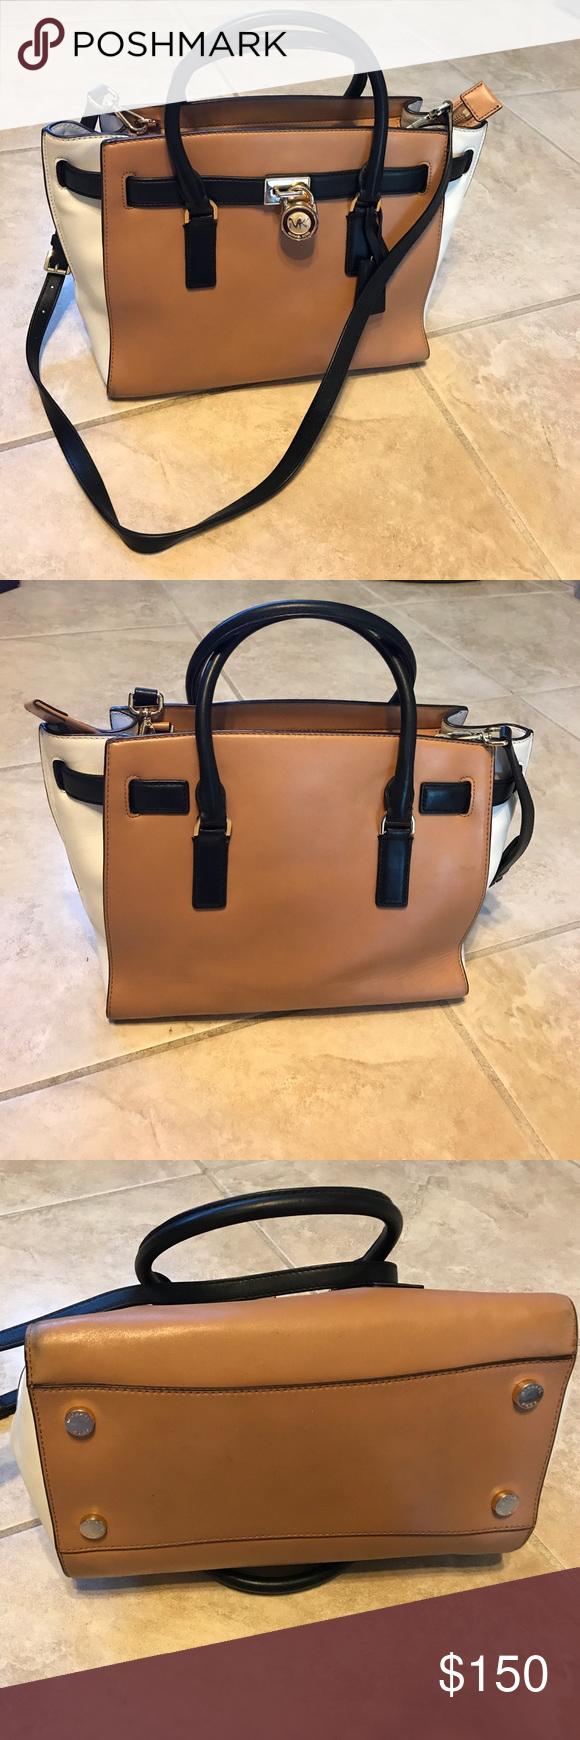 ec49b83d84f2 Michael Kors Hamilton Traveler Colorblock Purse Michael Kors Hamilton  Colorblock Messenger Bag. Leather Tan,